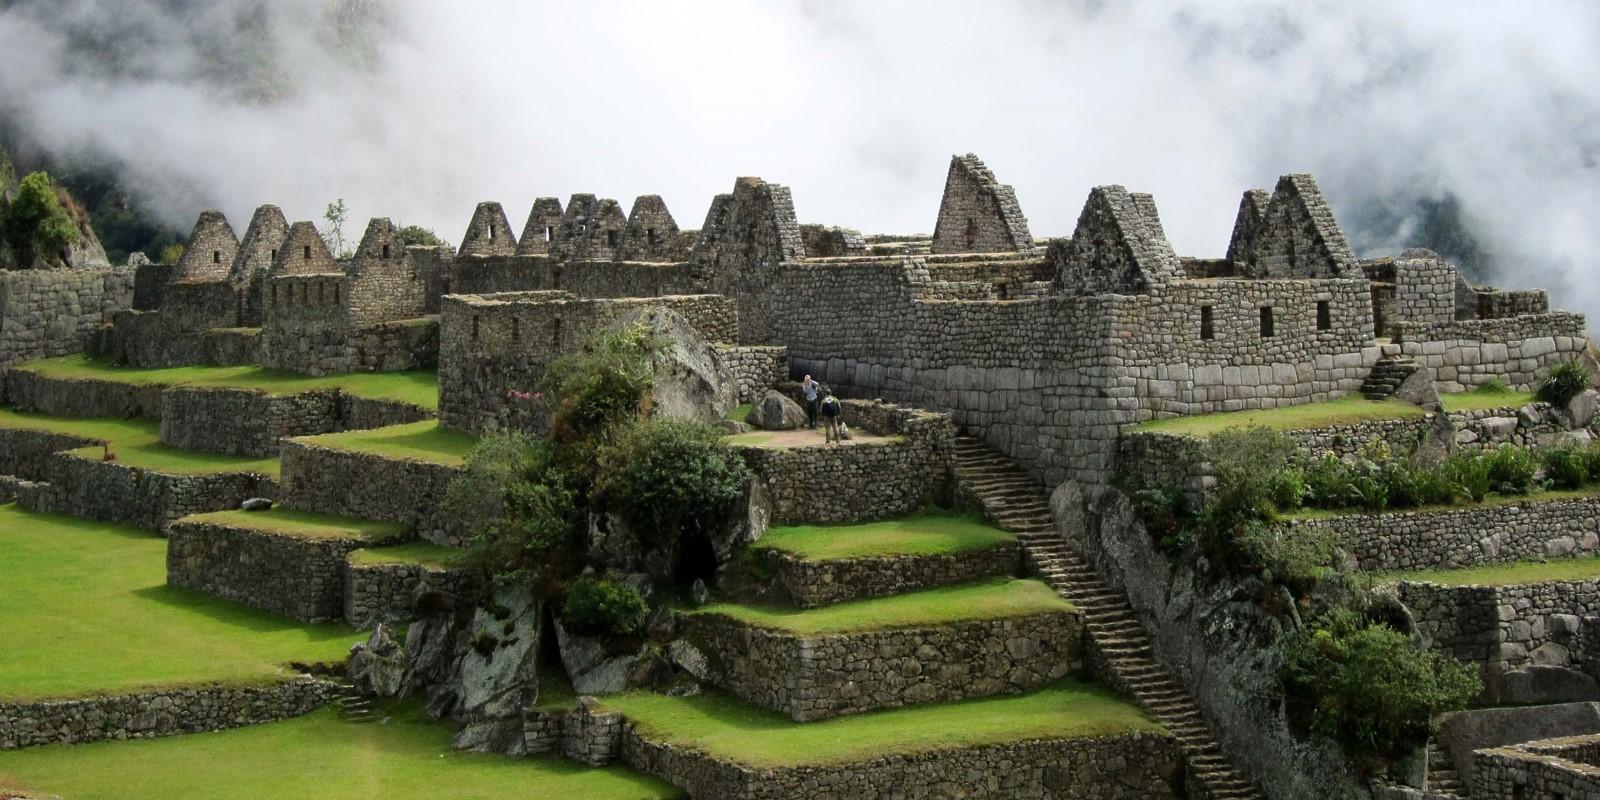 Geheimnisvolle Andenküste ? auf den Spuren untergegangener Kulturen